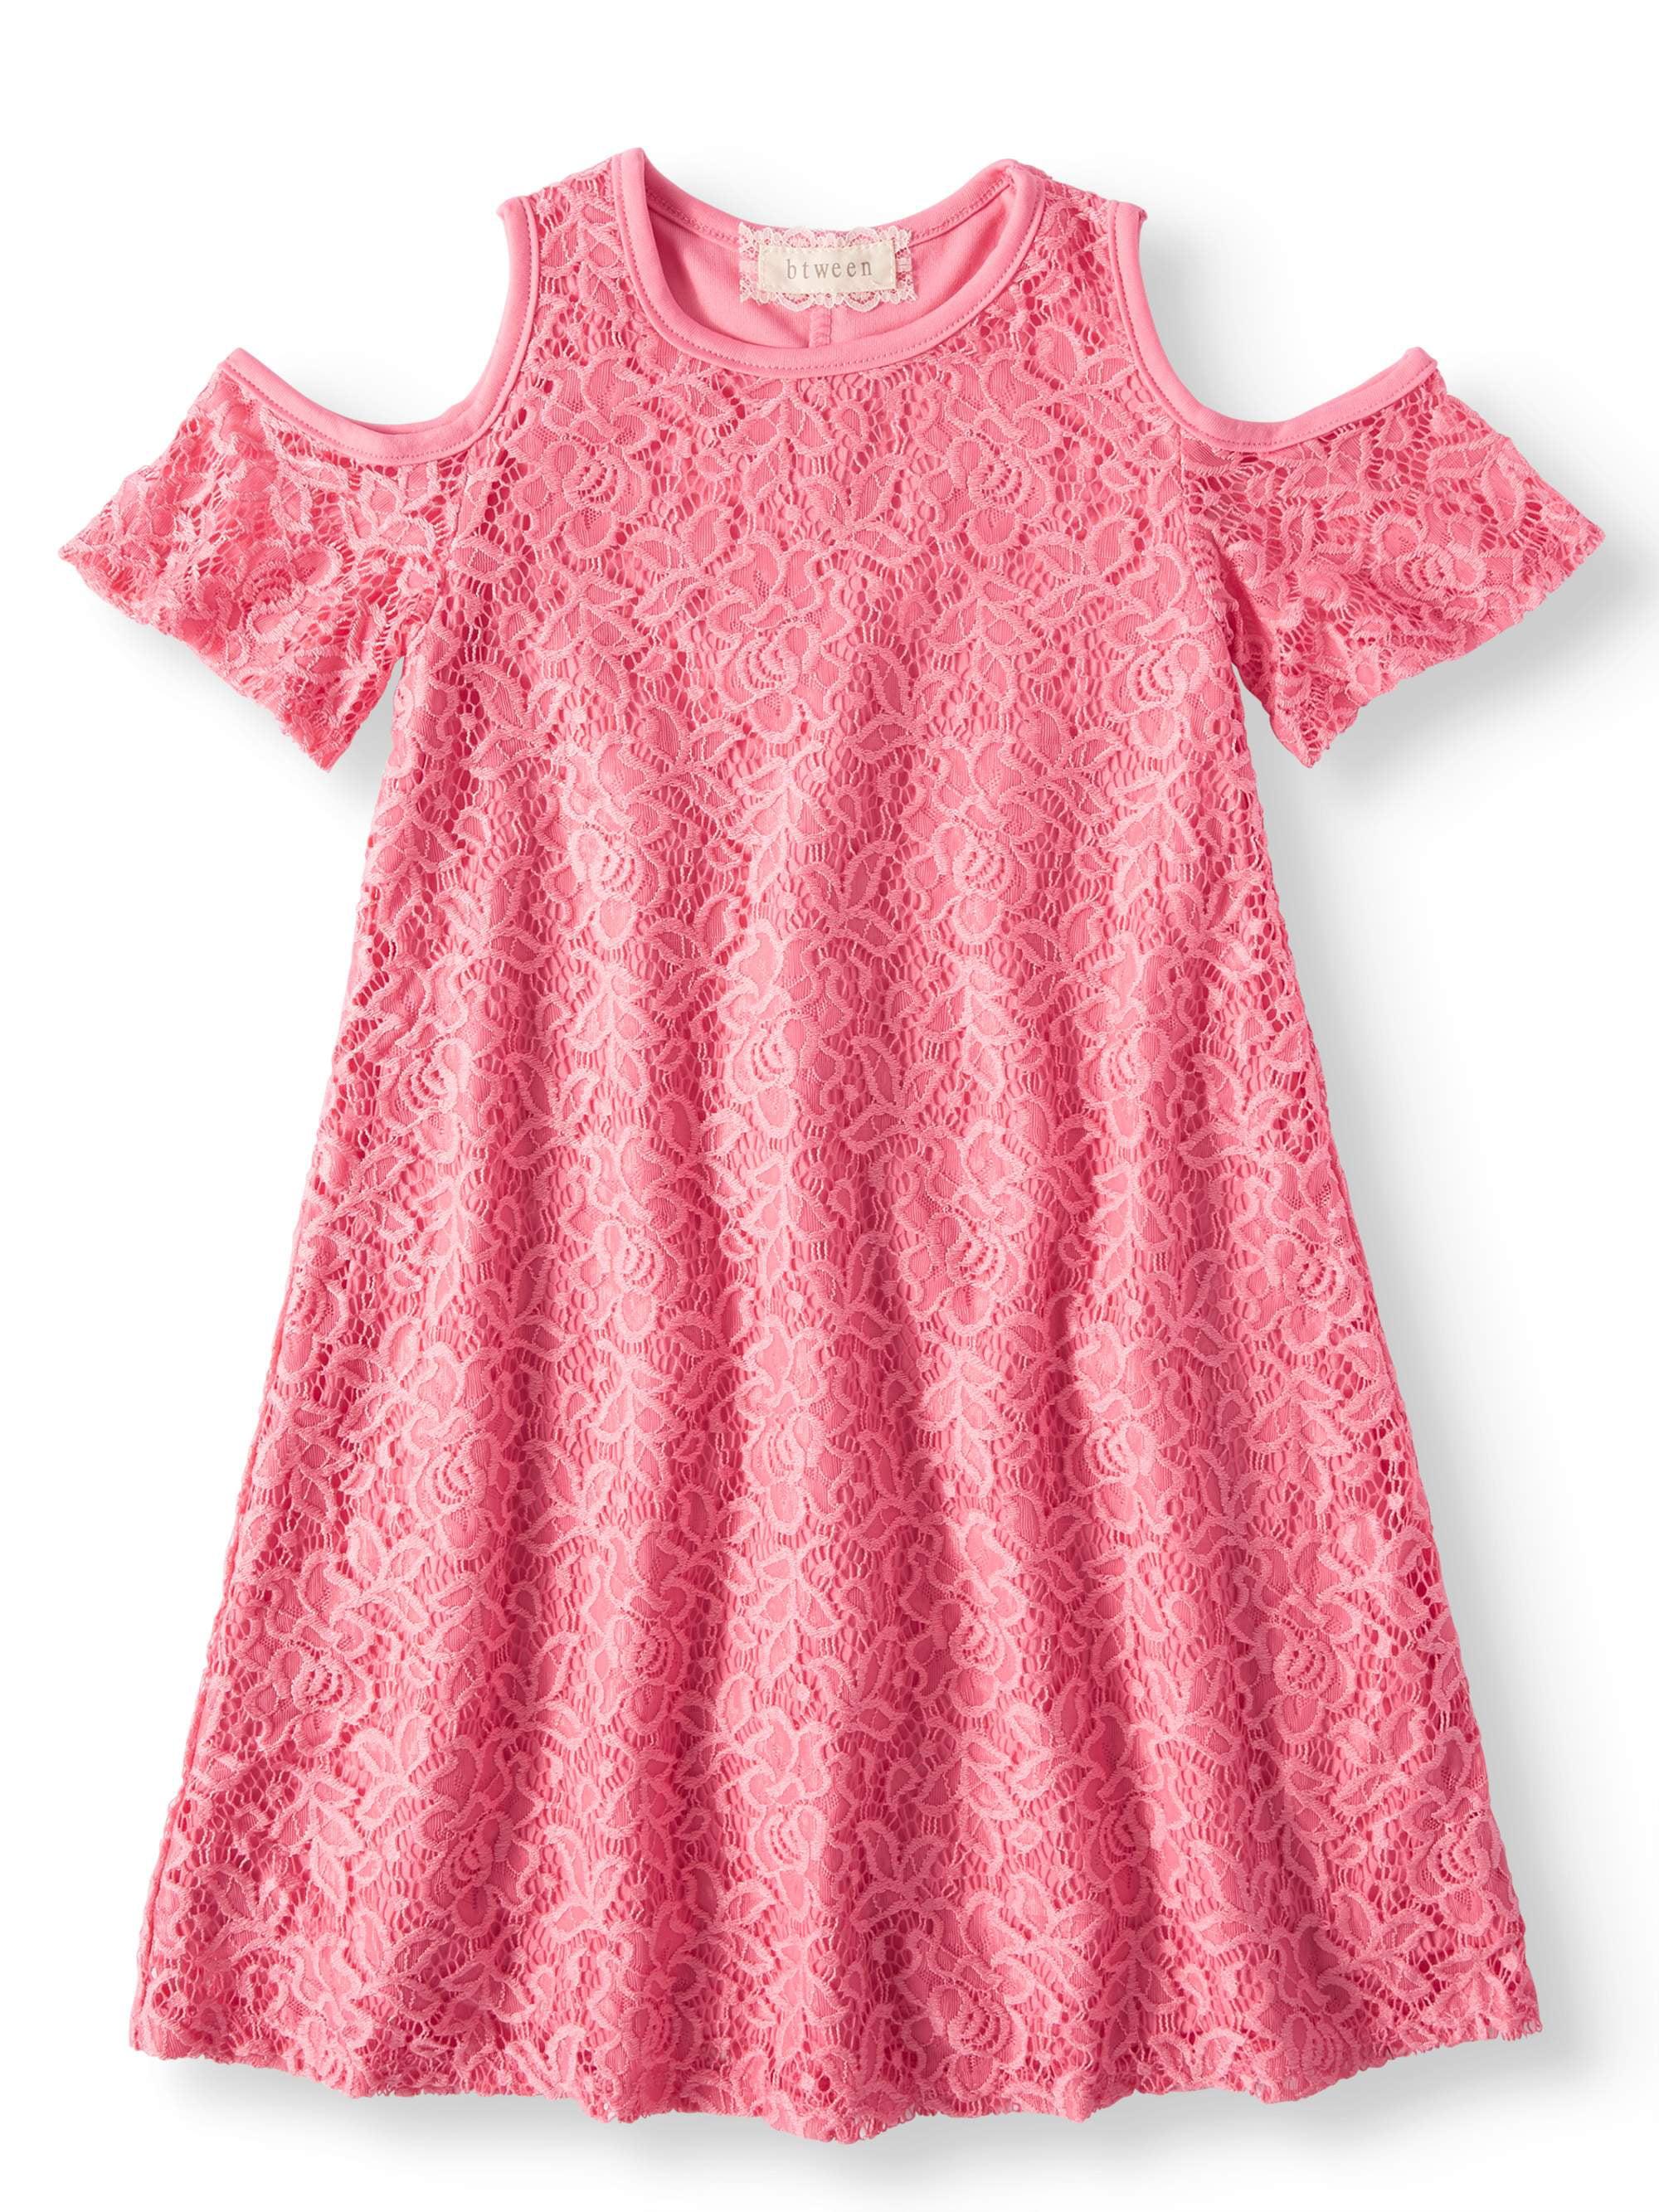 Cold Shoulder Lace Swing Dress (Big Girls)